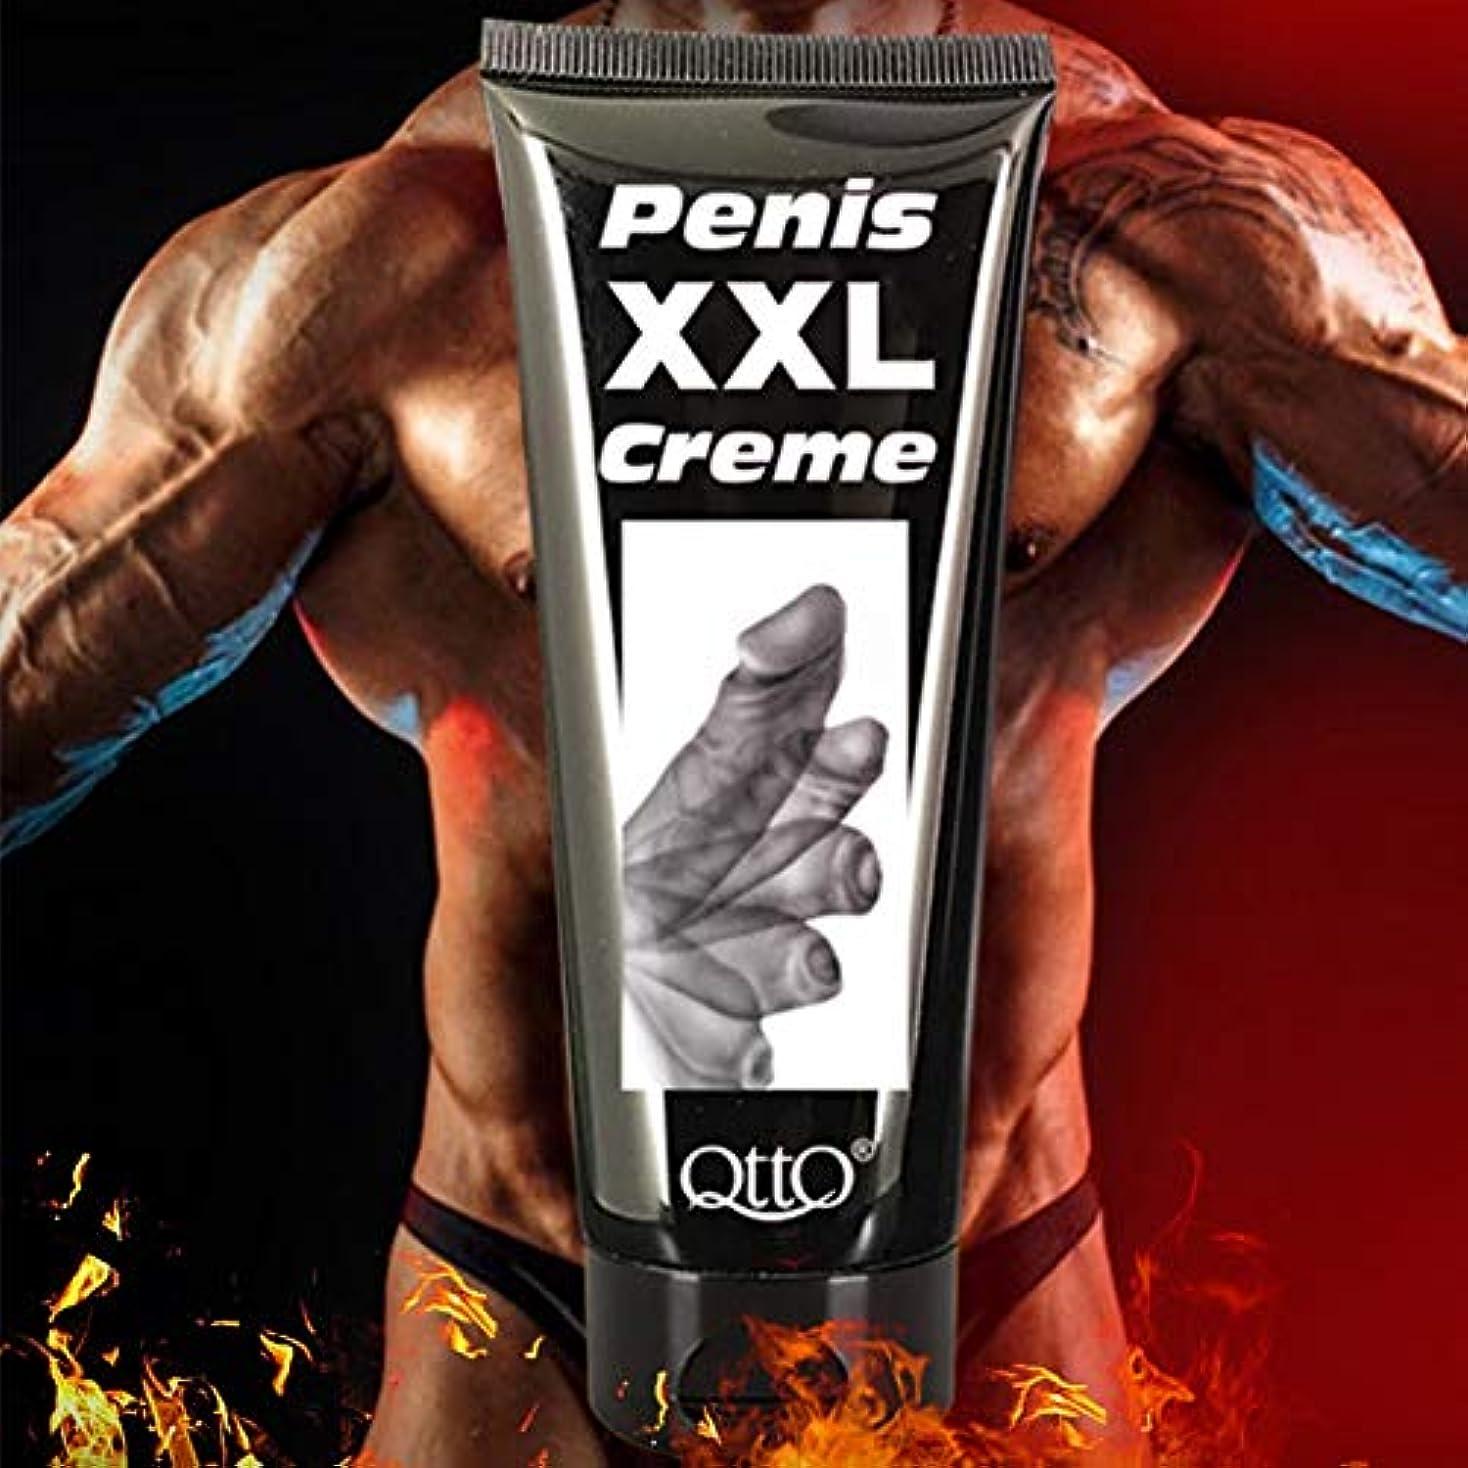 広告主操作可能なぞらえるBalai 男性用 ペニス拡大 クリームビッグディック 濃厚化成長強化パフォーマンス セックス製品